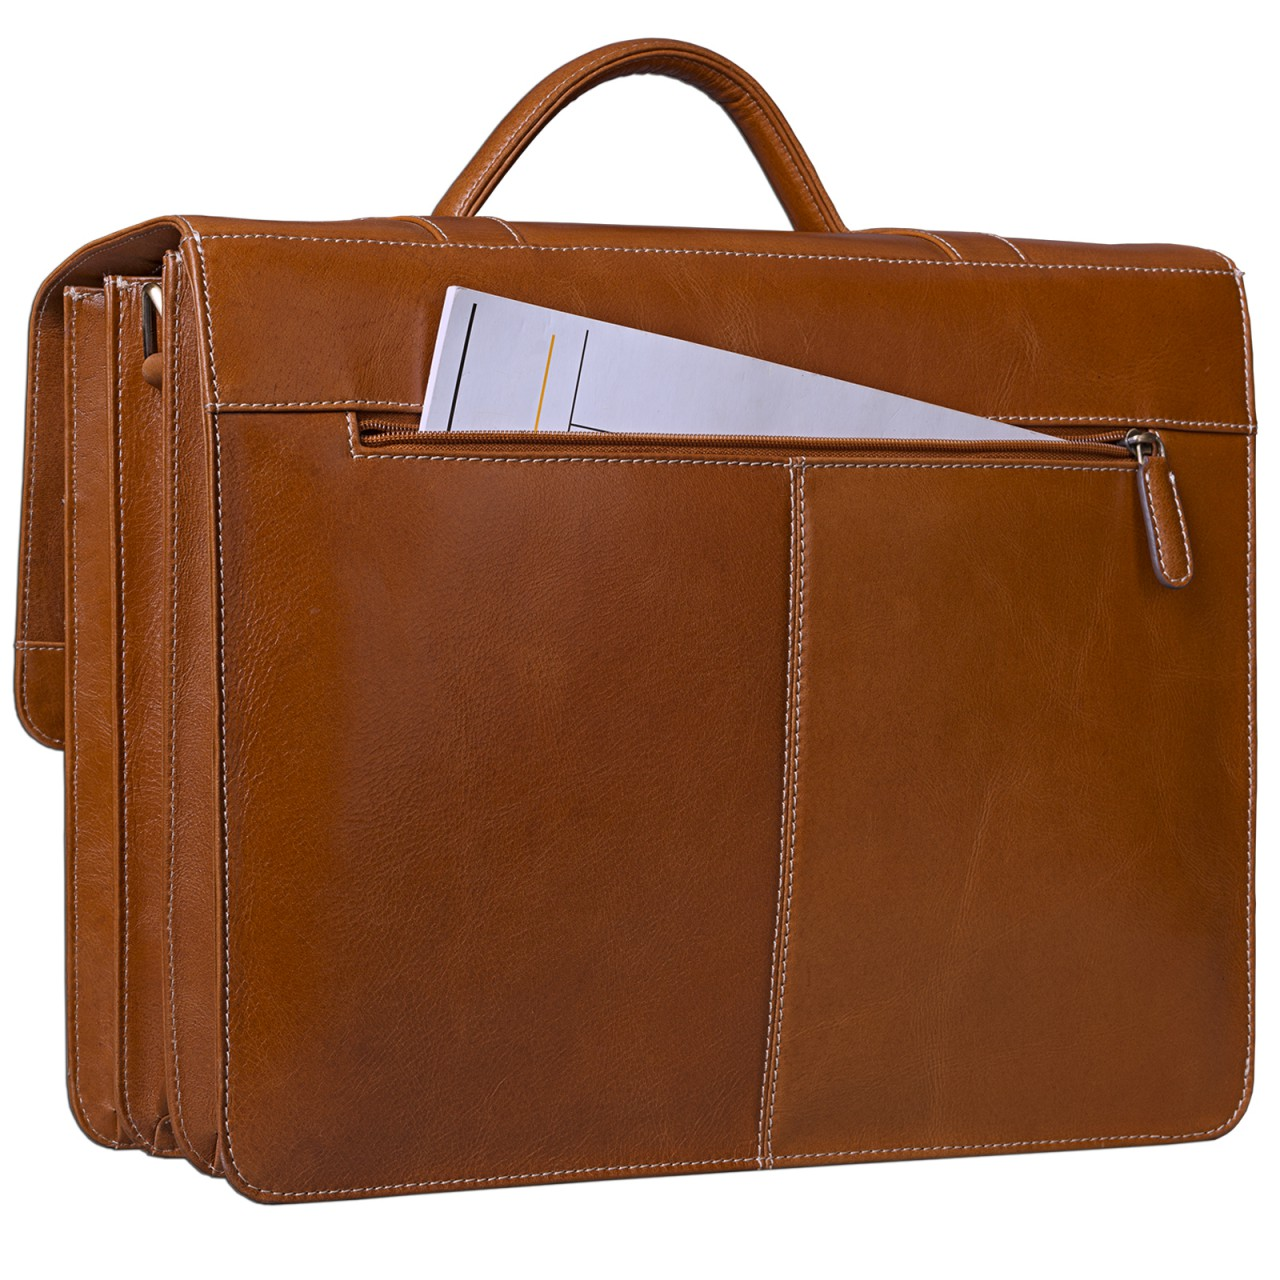 STILORD Vintage Aktentasche zum Umhängen 15.6 Zoll - Business Umhängetasche ideal für Lehrer und Büro, Rinds Leder braun - Bild 5